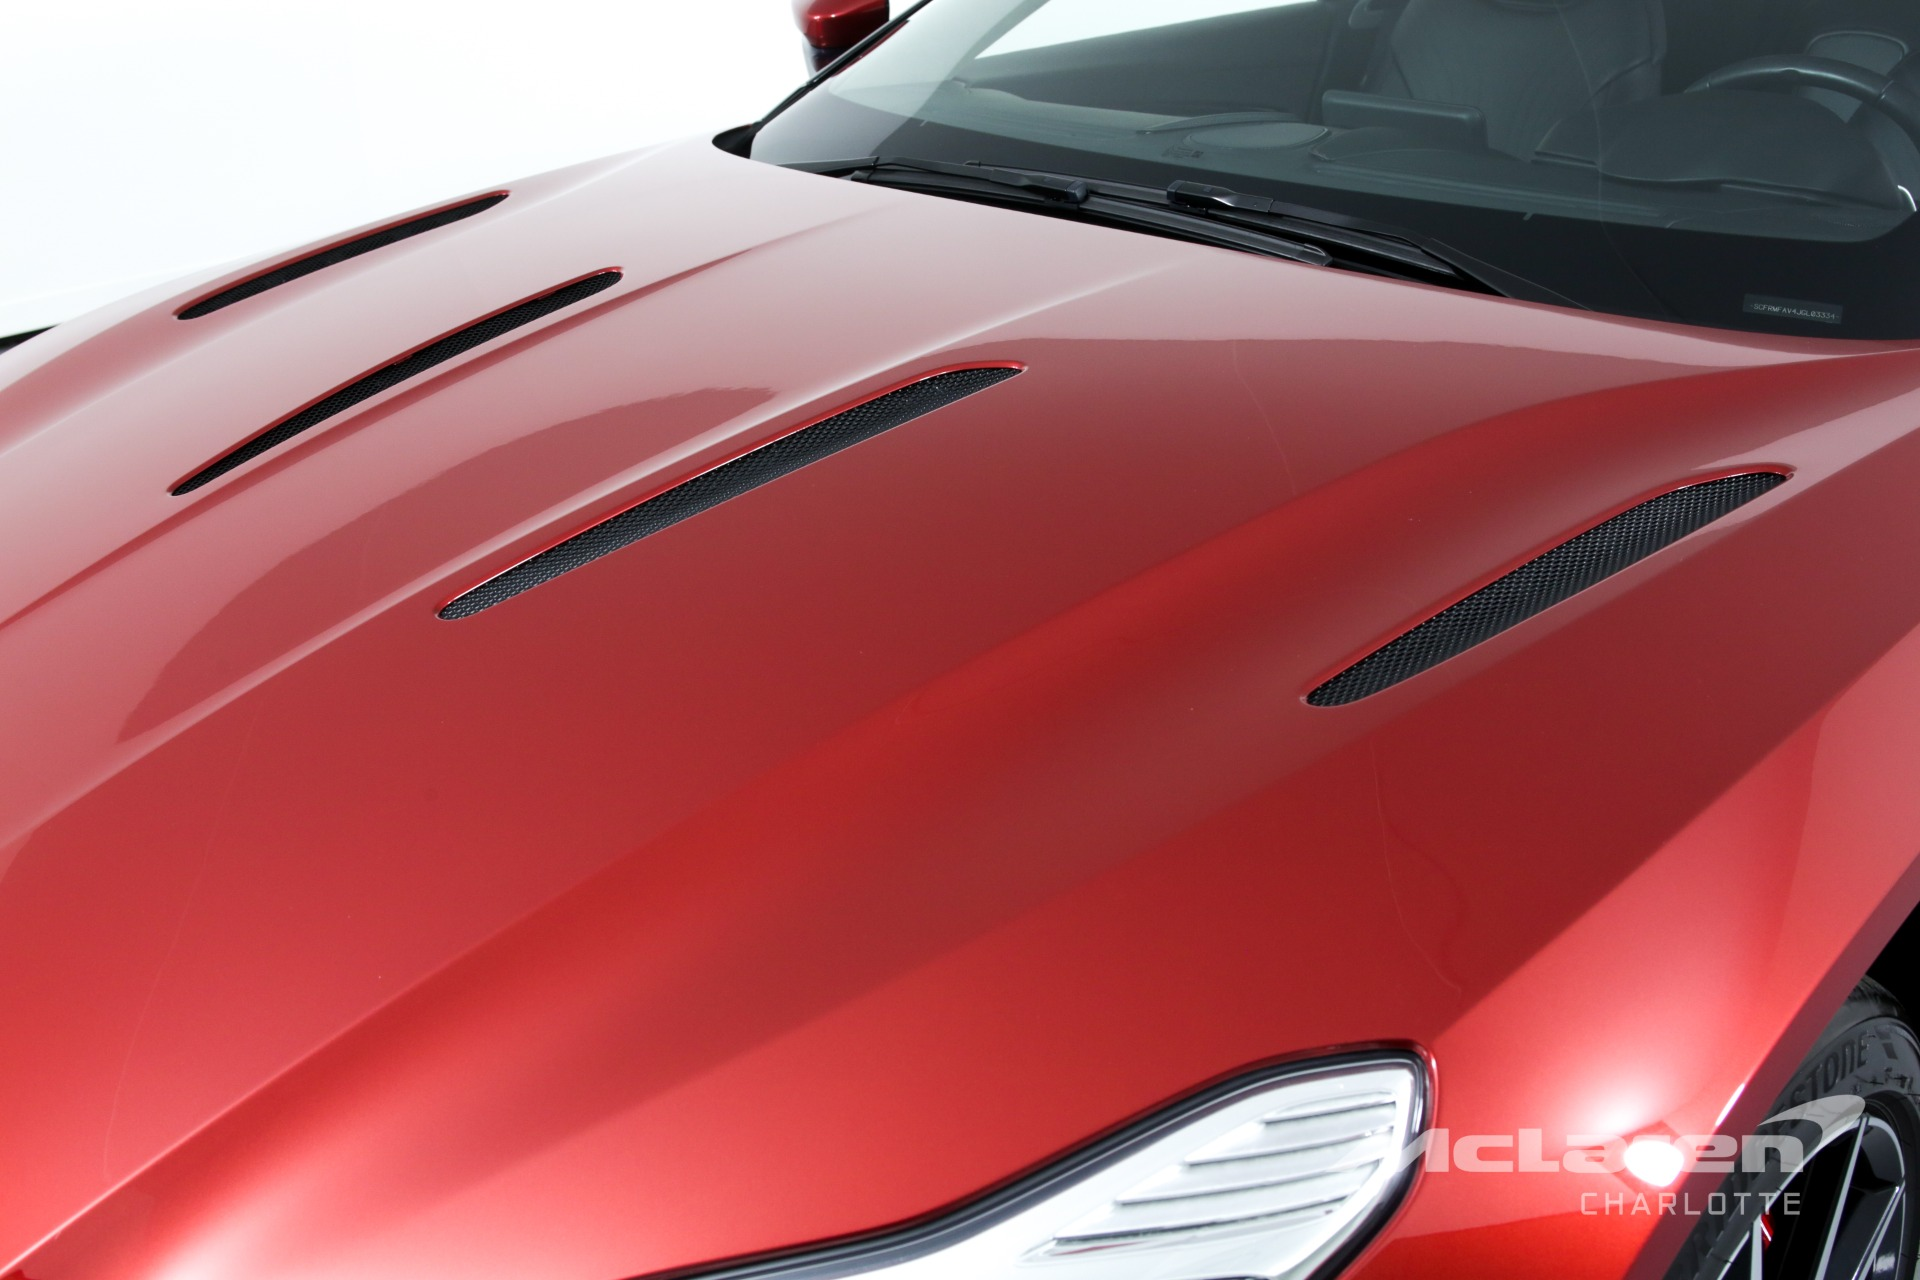 Used 2018 Aston Martin DB11 V12 | Charlotte, NC